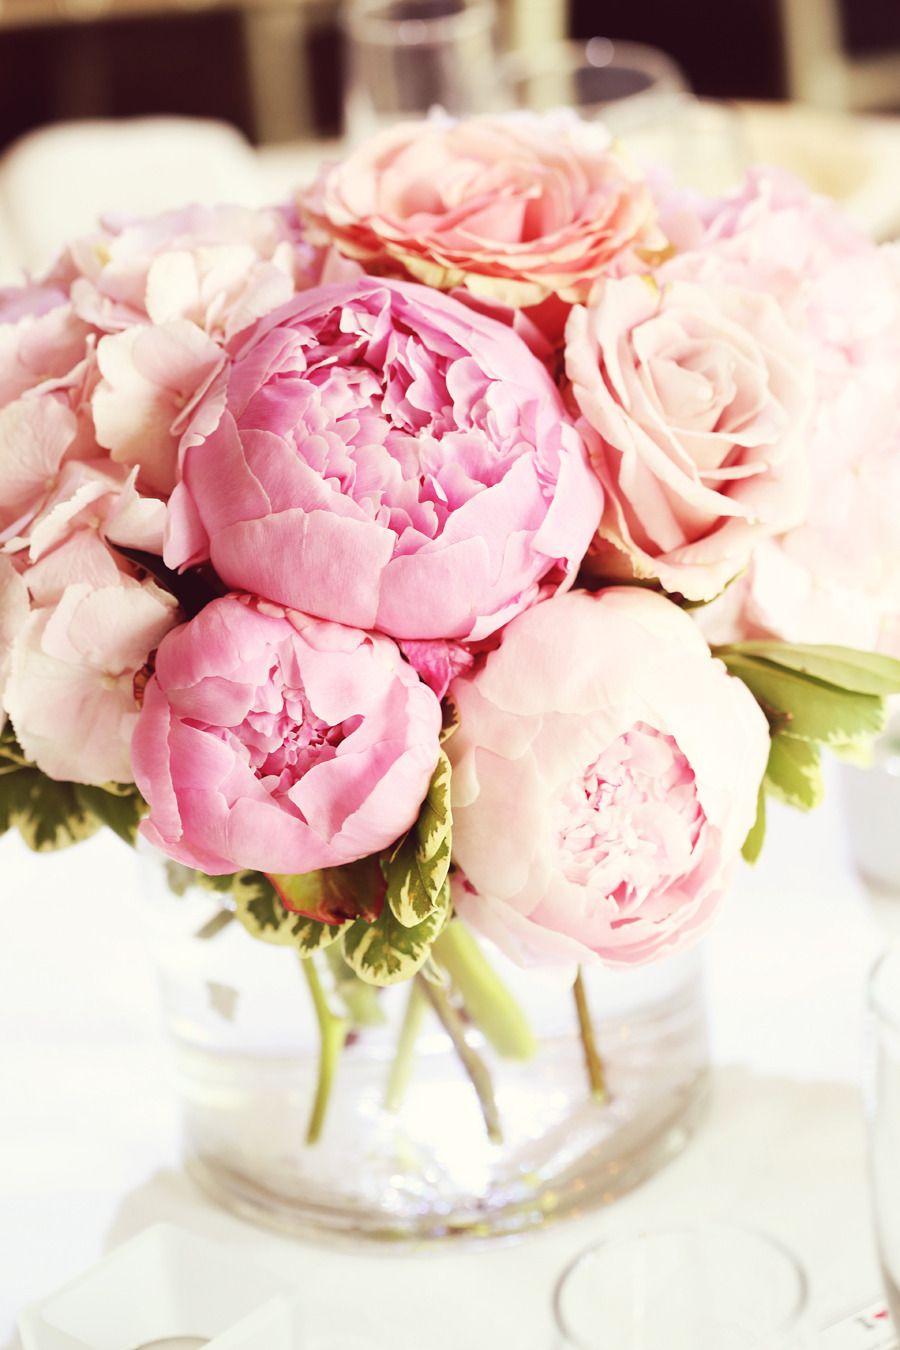 С днем рождения картинка пионовидные розы